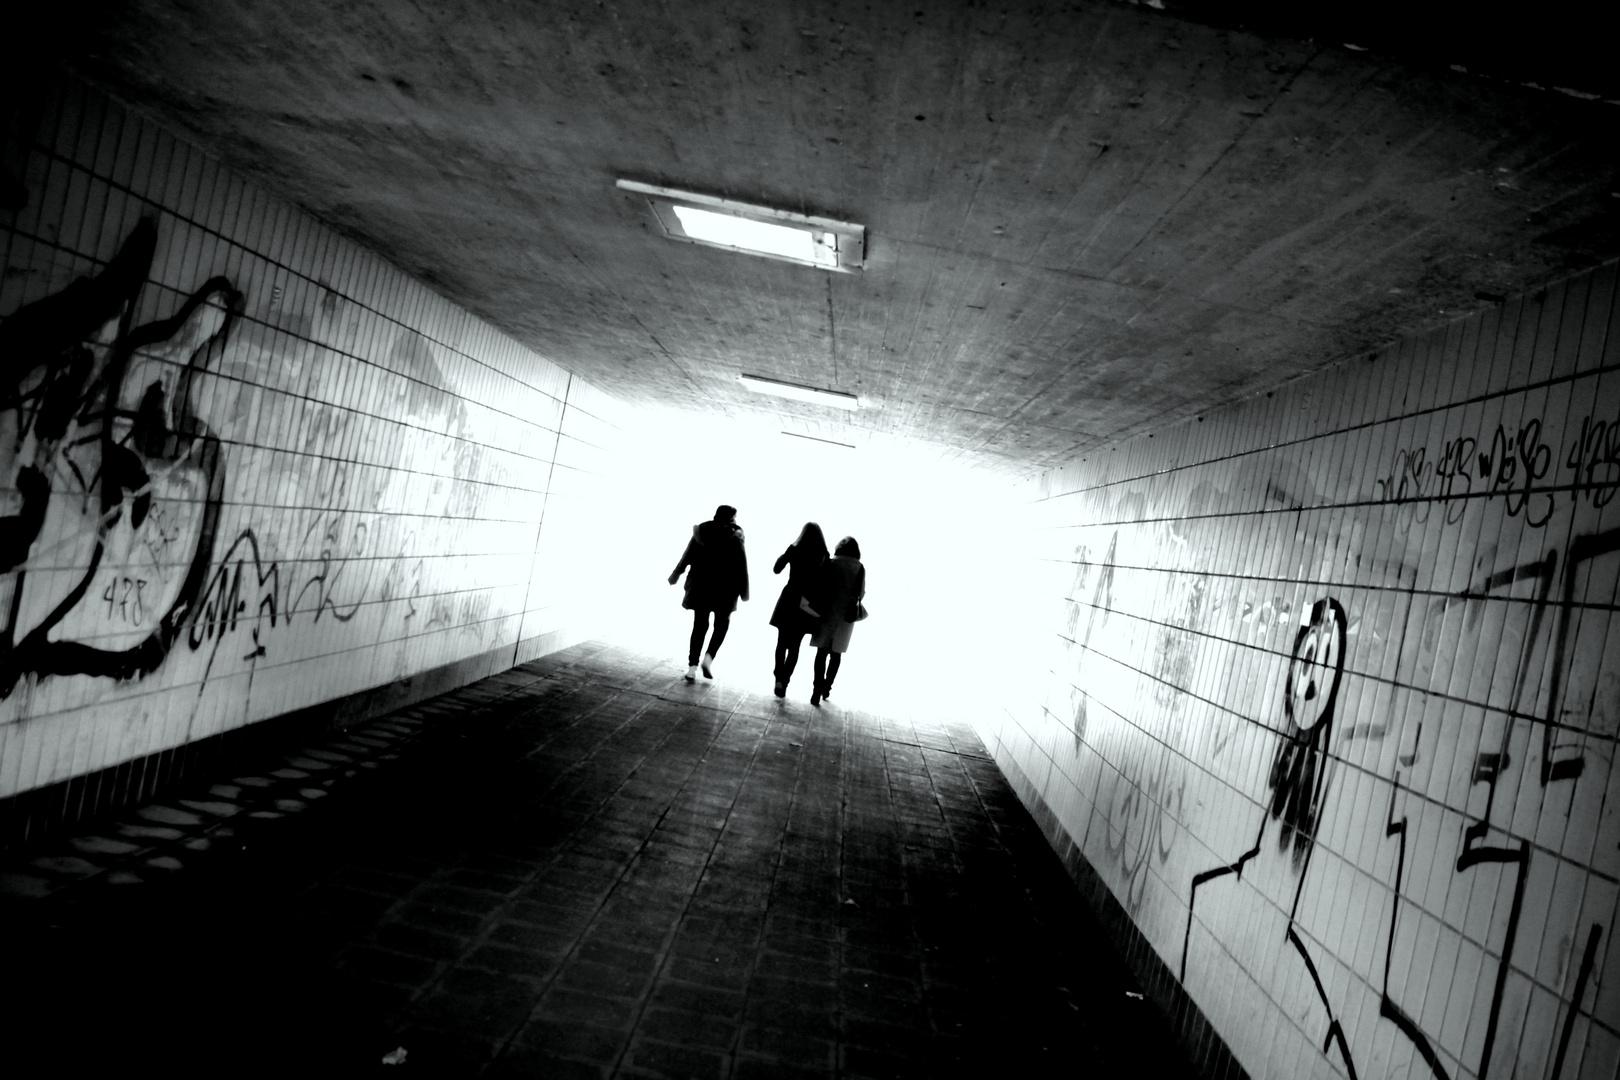 Am Ende vom Tunnel...